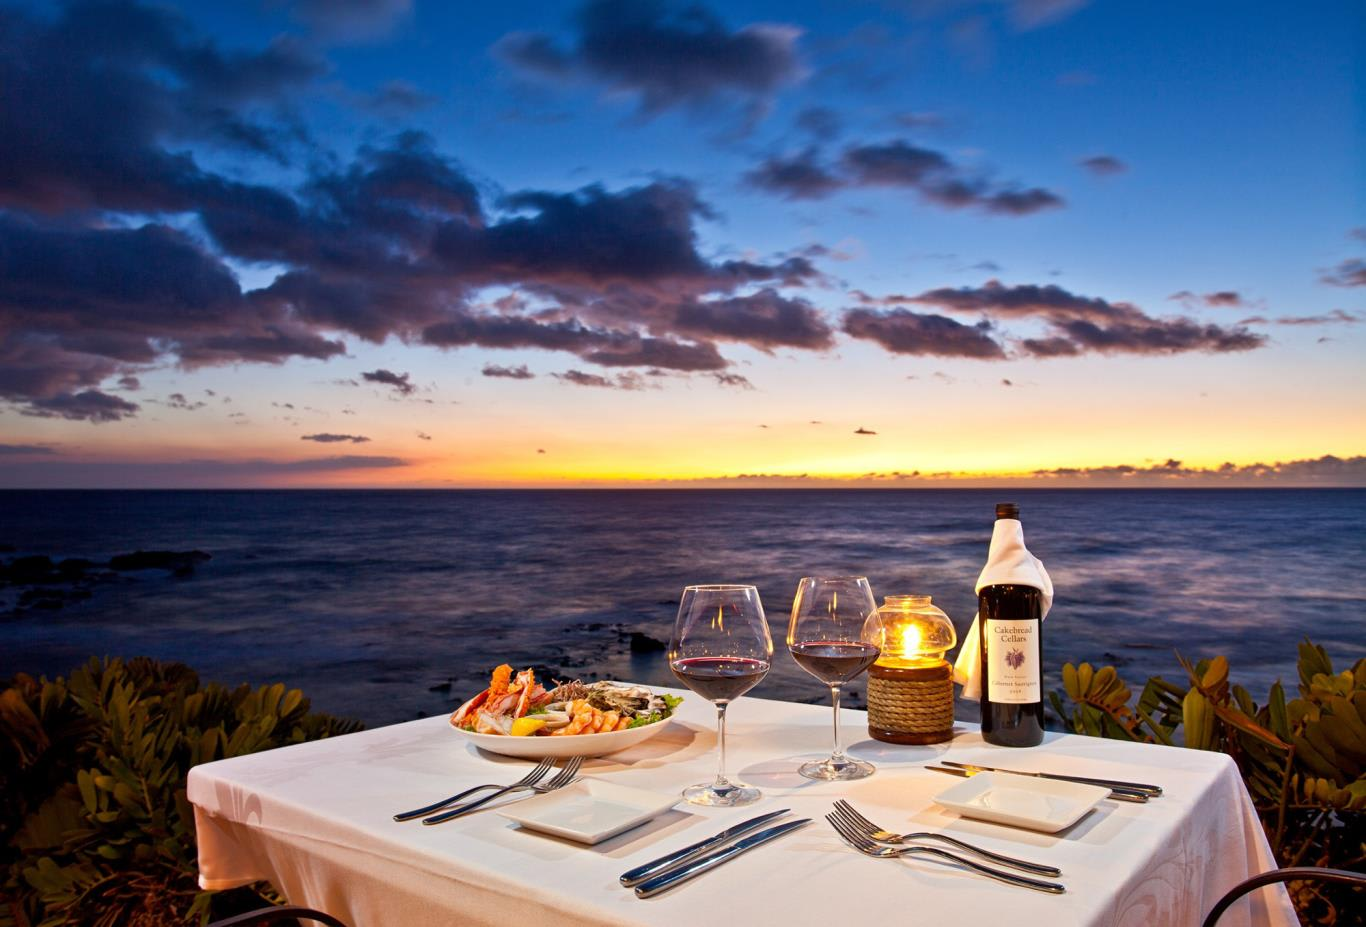 Sunset Dining at Kamuela Provison Company